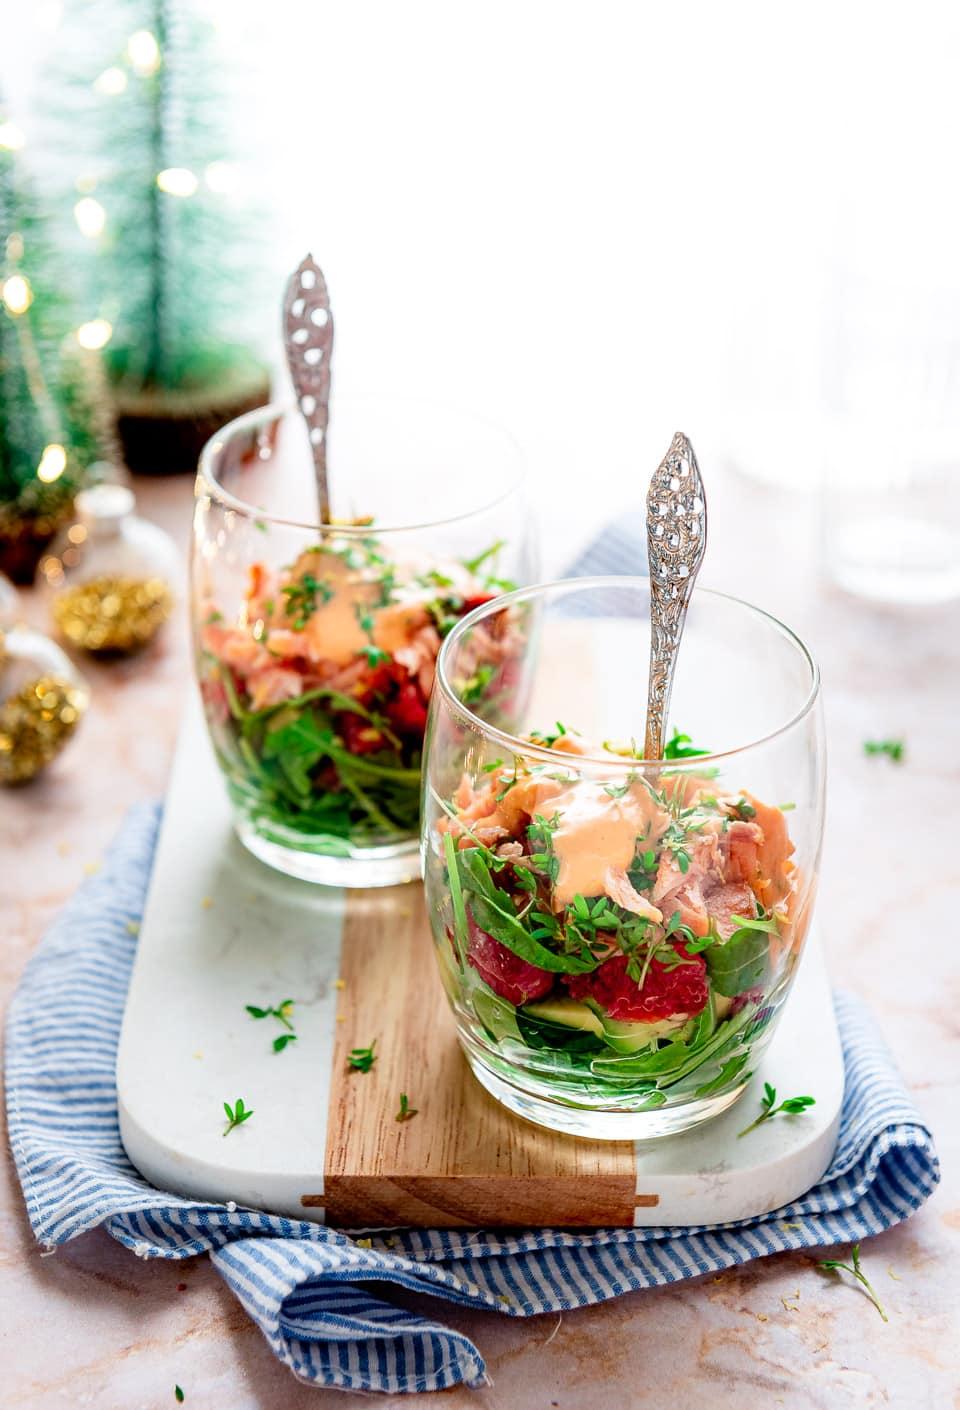 Voorgerecht met warmgerookte zalm, avocado en grapefruit